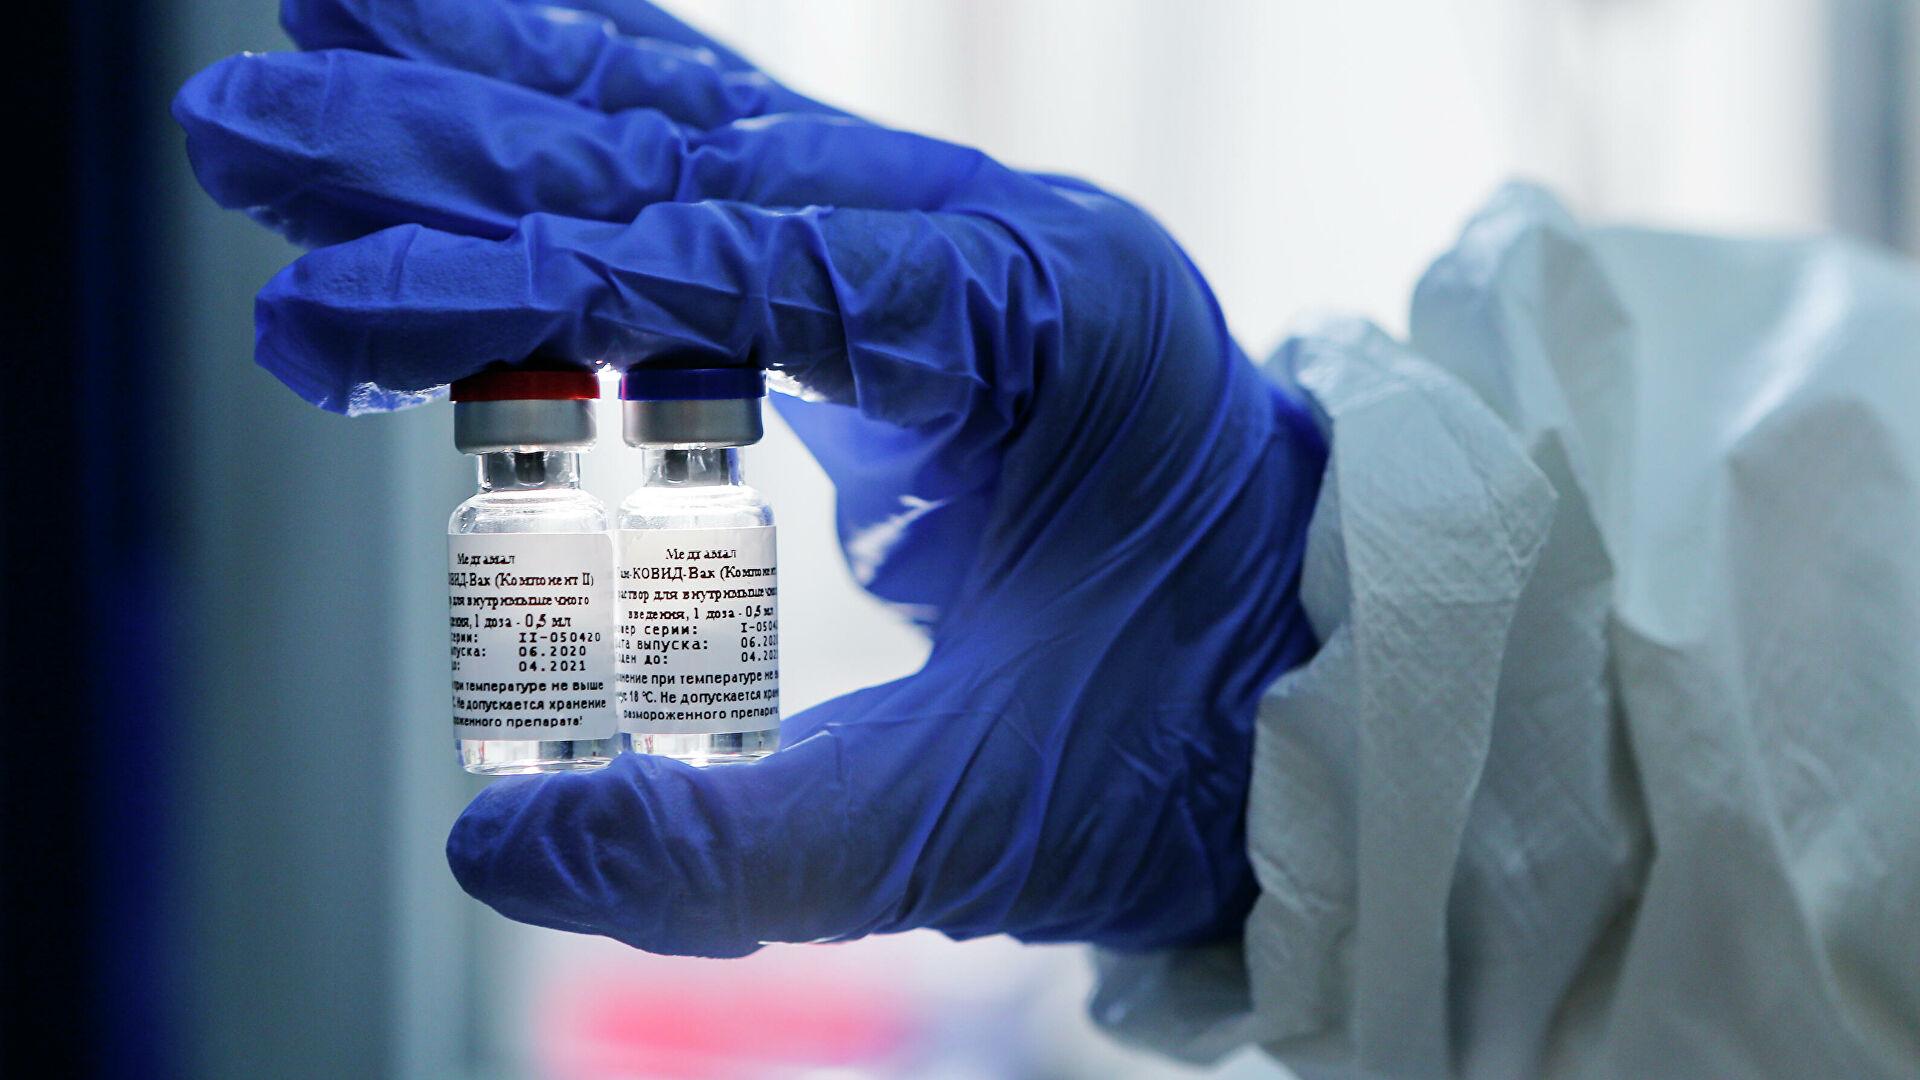 Прививка от коронавируса: соблюдение правил вакцинации поможет сформировать стойкий иммунитет